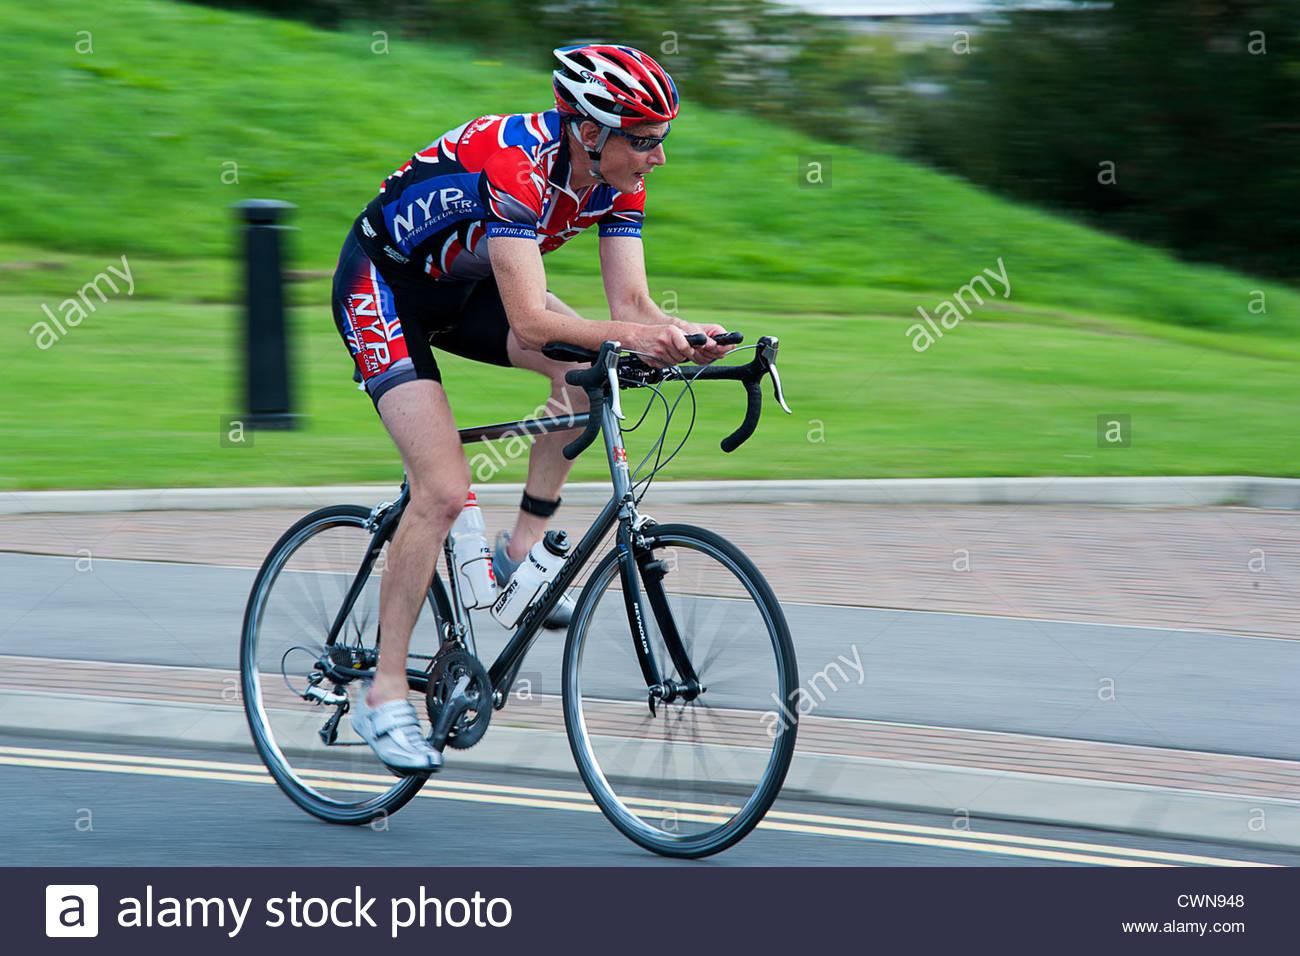 Concorrente racing nel 2011 ciclo Velo gare a Stockton-on-Tees, Cleveland. Inghilterra, Regno Unito Immagini Stock